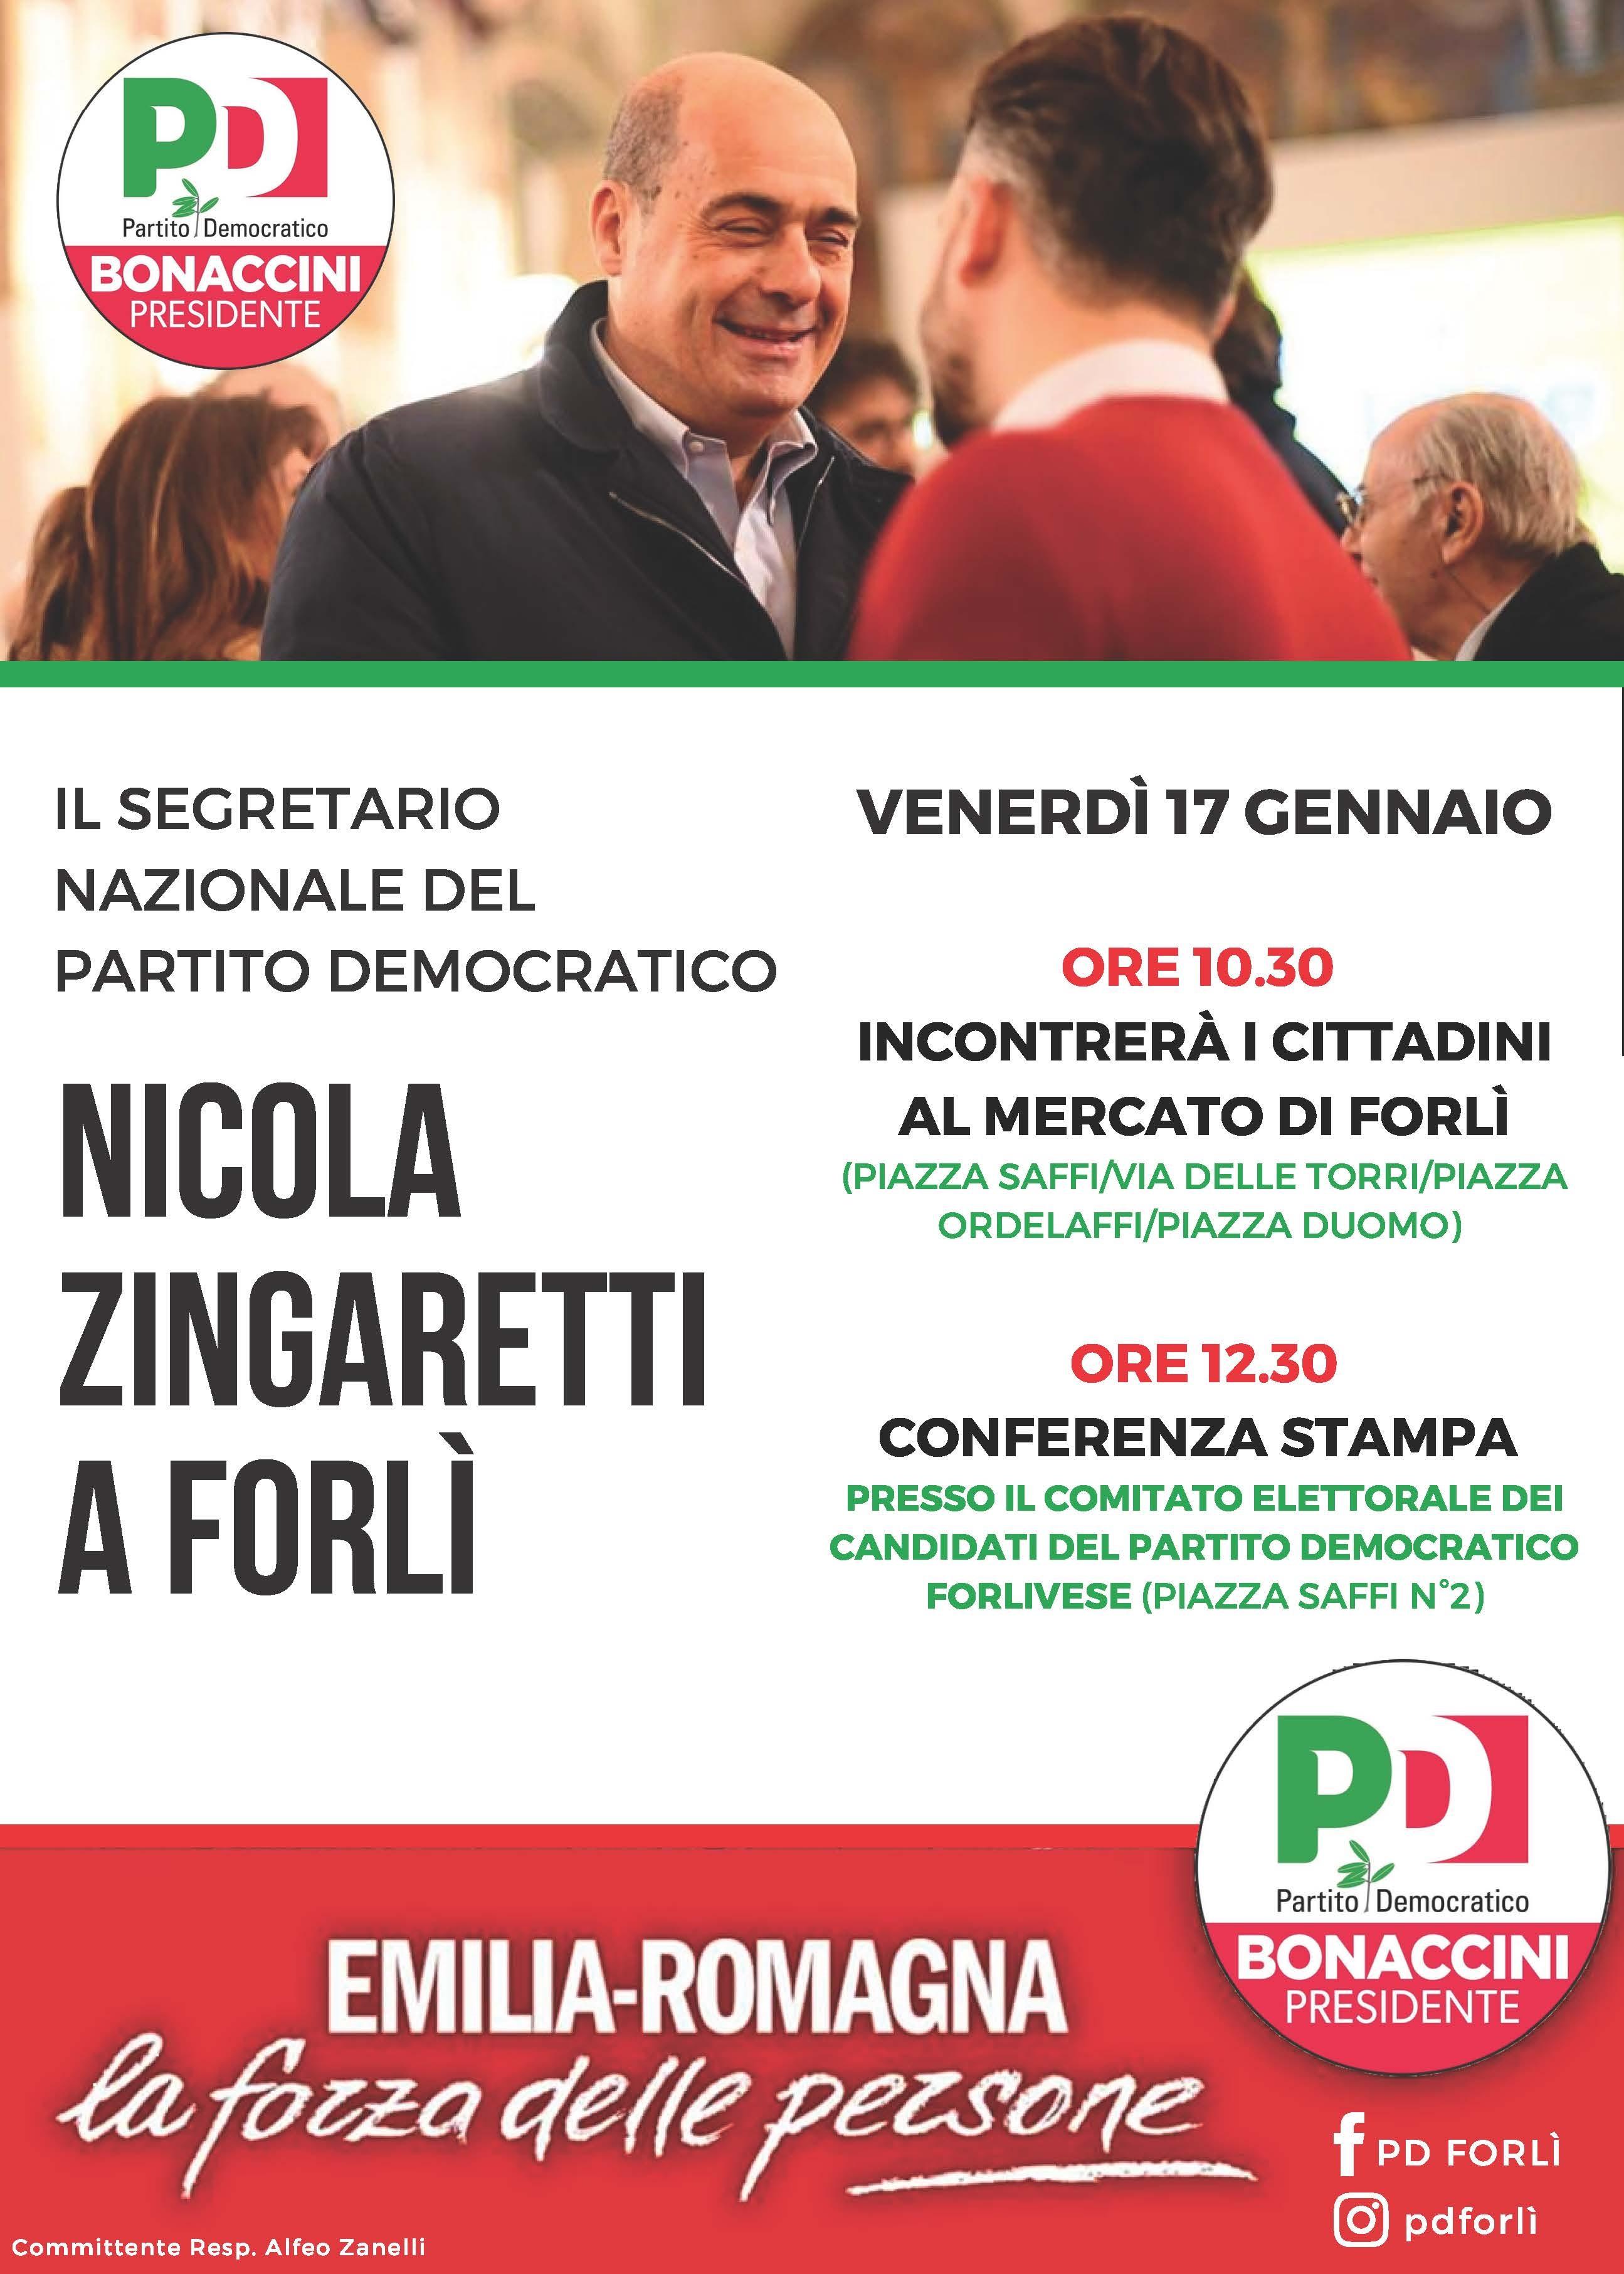 Nicola Zingaretti a Forlì @ Comitato elettorale